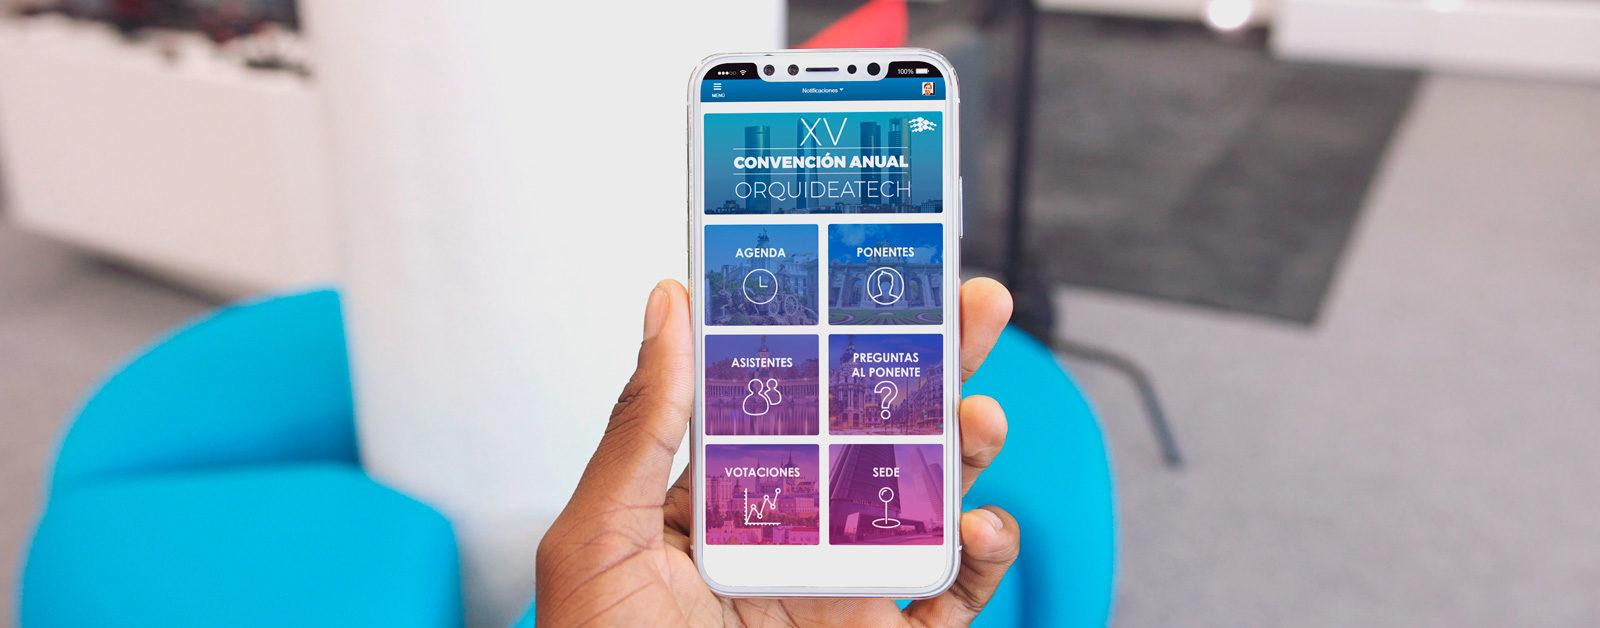 Las nuevas apps para eventos de EventMobi se adaptan a tus eventos